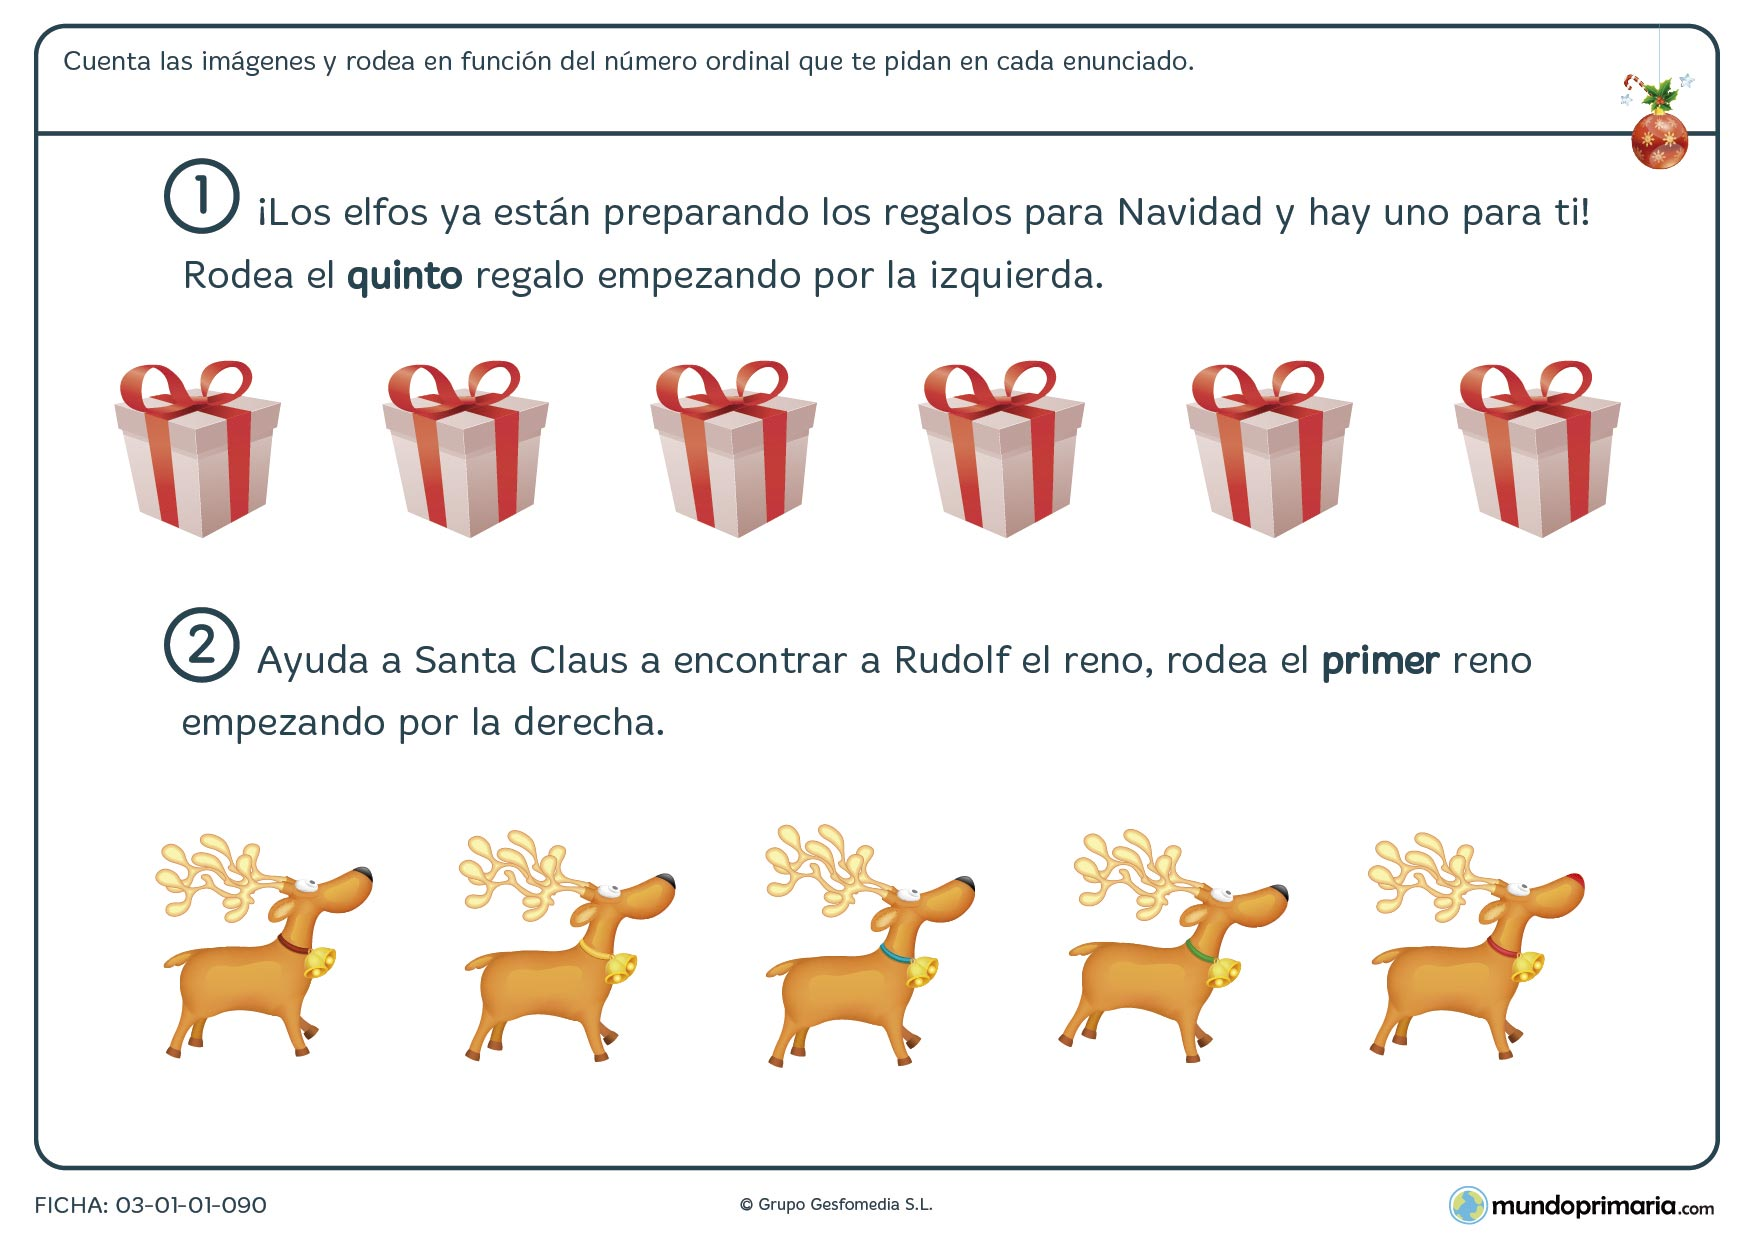 Ficha de números ordinales con motivos navideños para repasar las matemáticas de una forma dinámica.